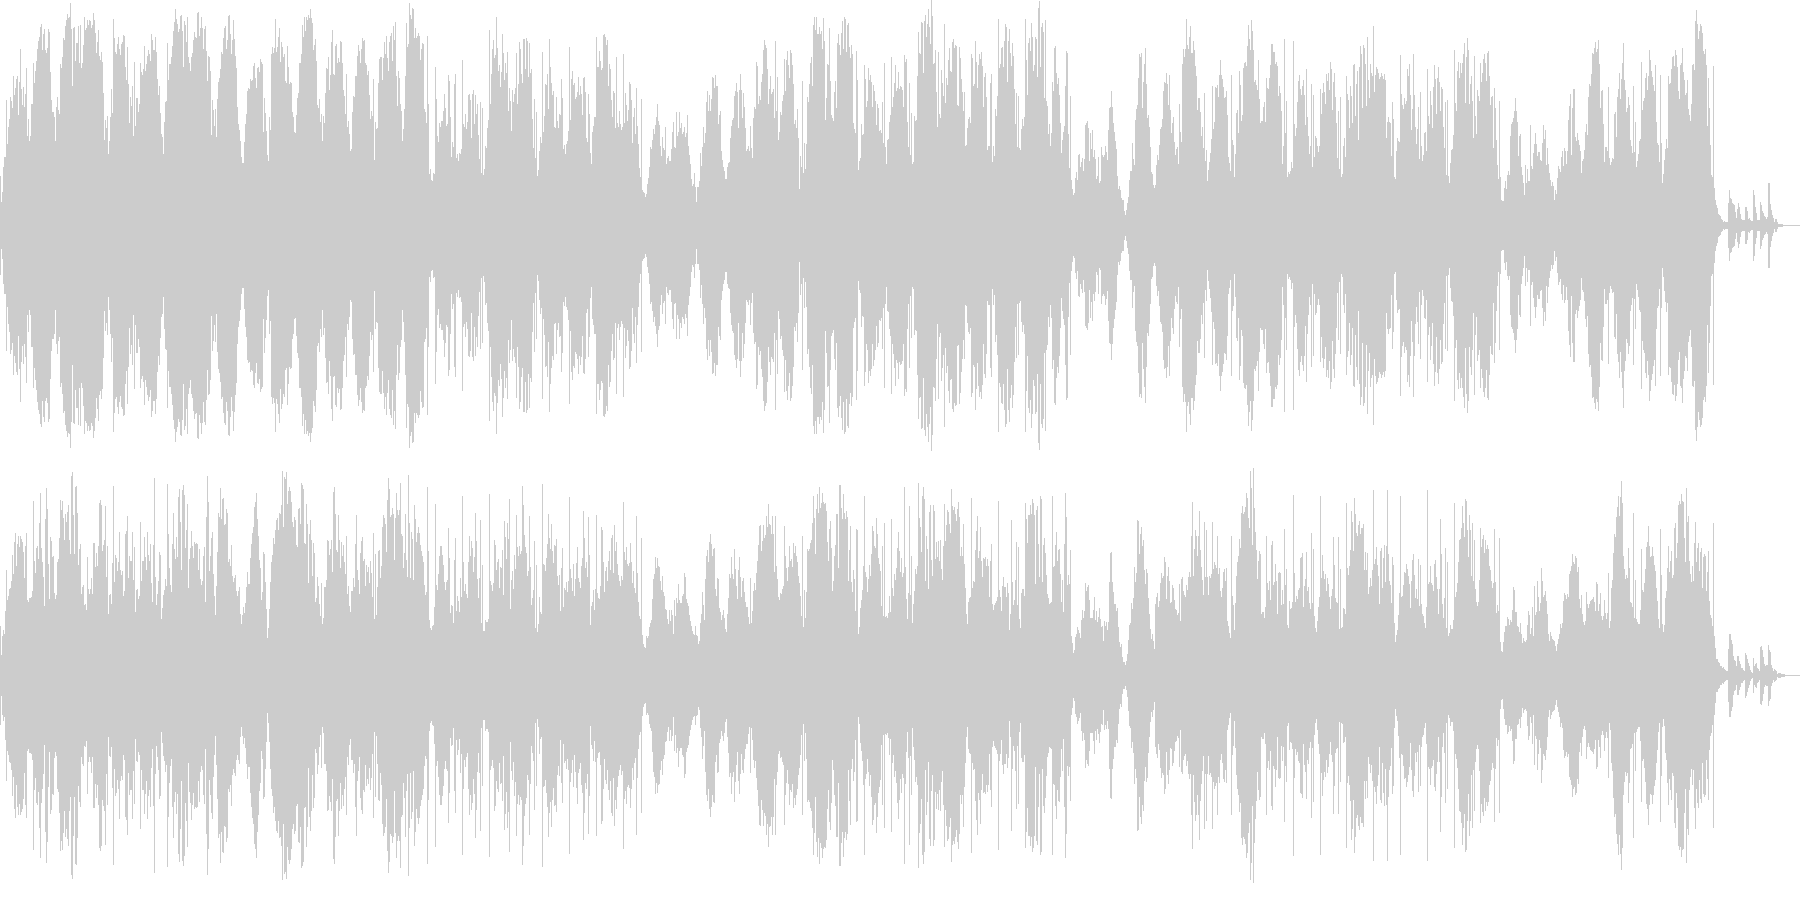 ダークで幻想的、憂鬱なアンビエントシンセの未再生の波形